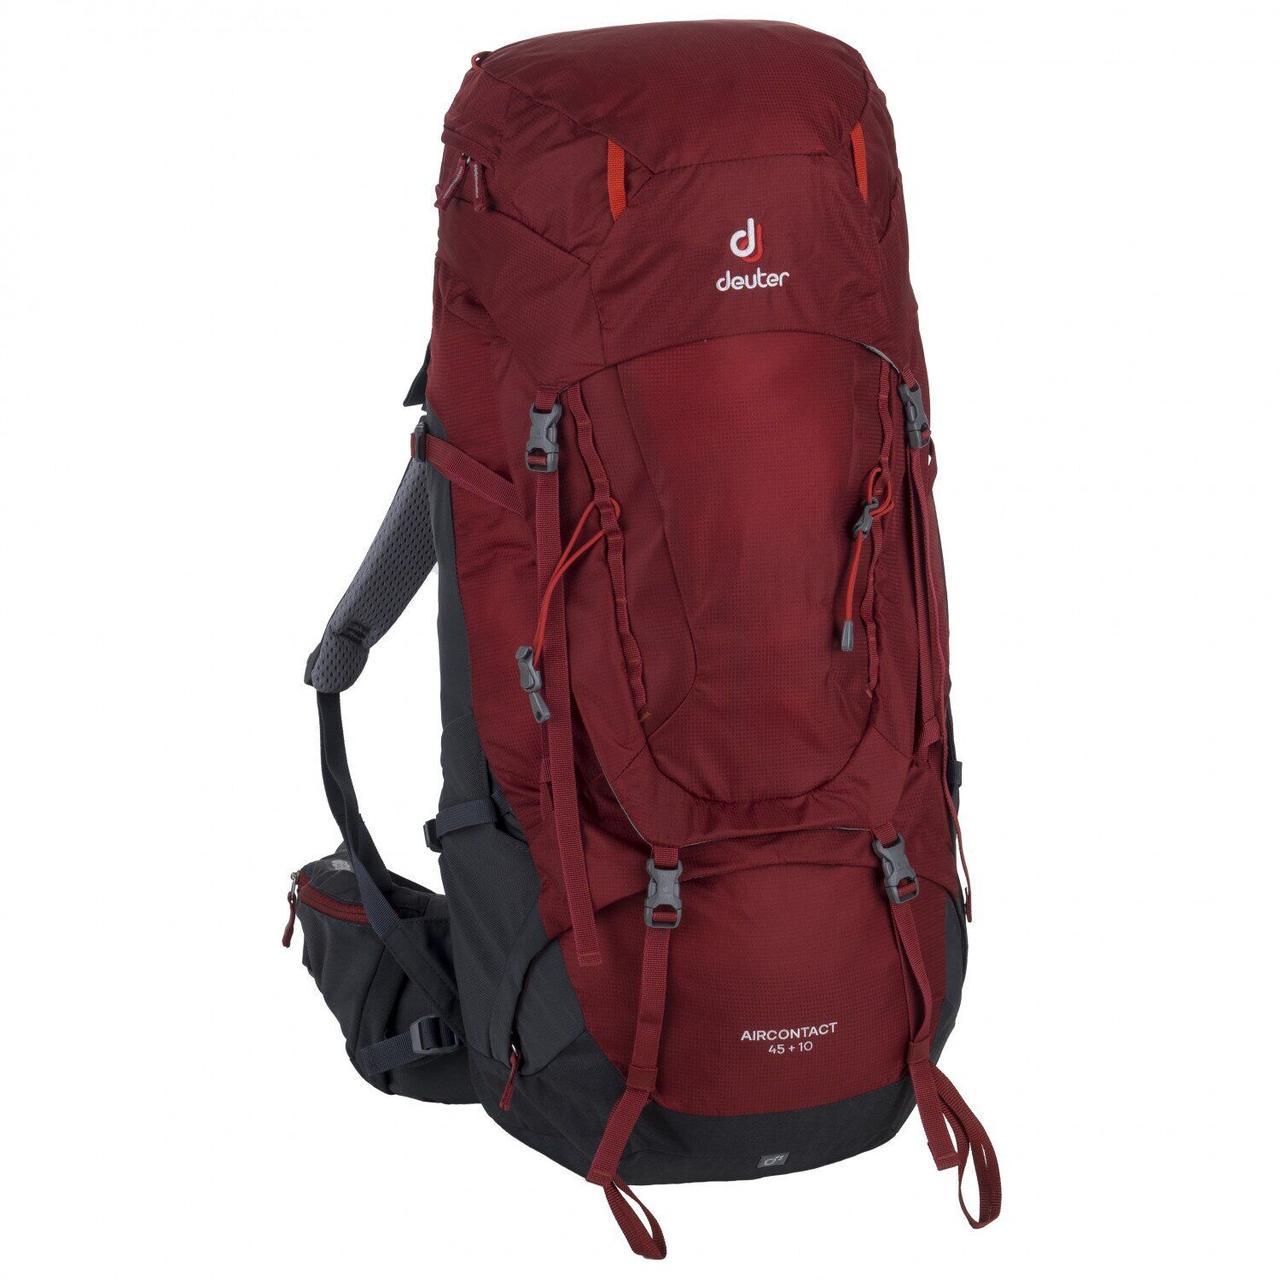 Рюкзак туристический Deuter Aircontact 45+10 cranberry-graphite (3320119 5425)